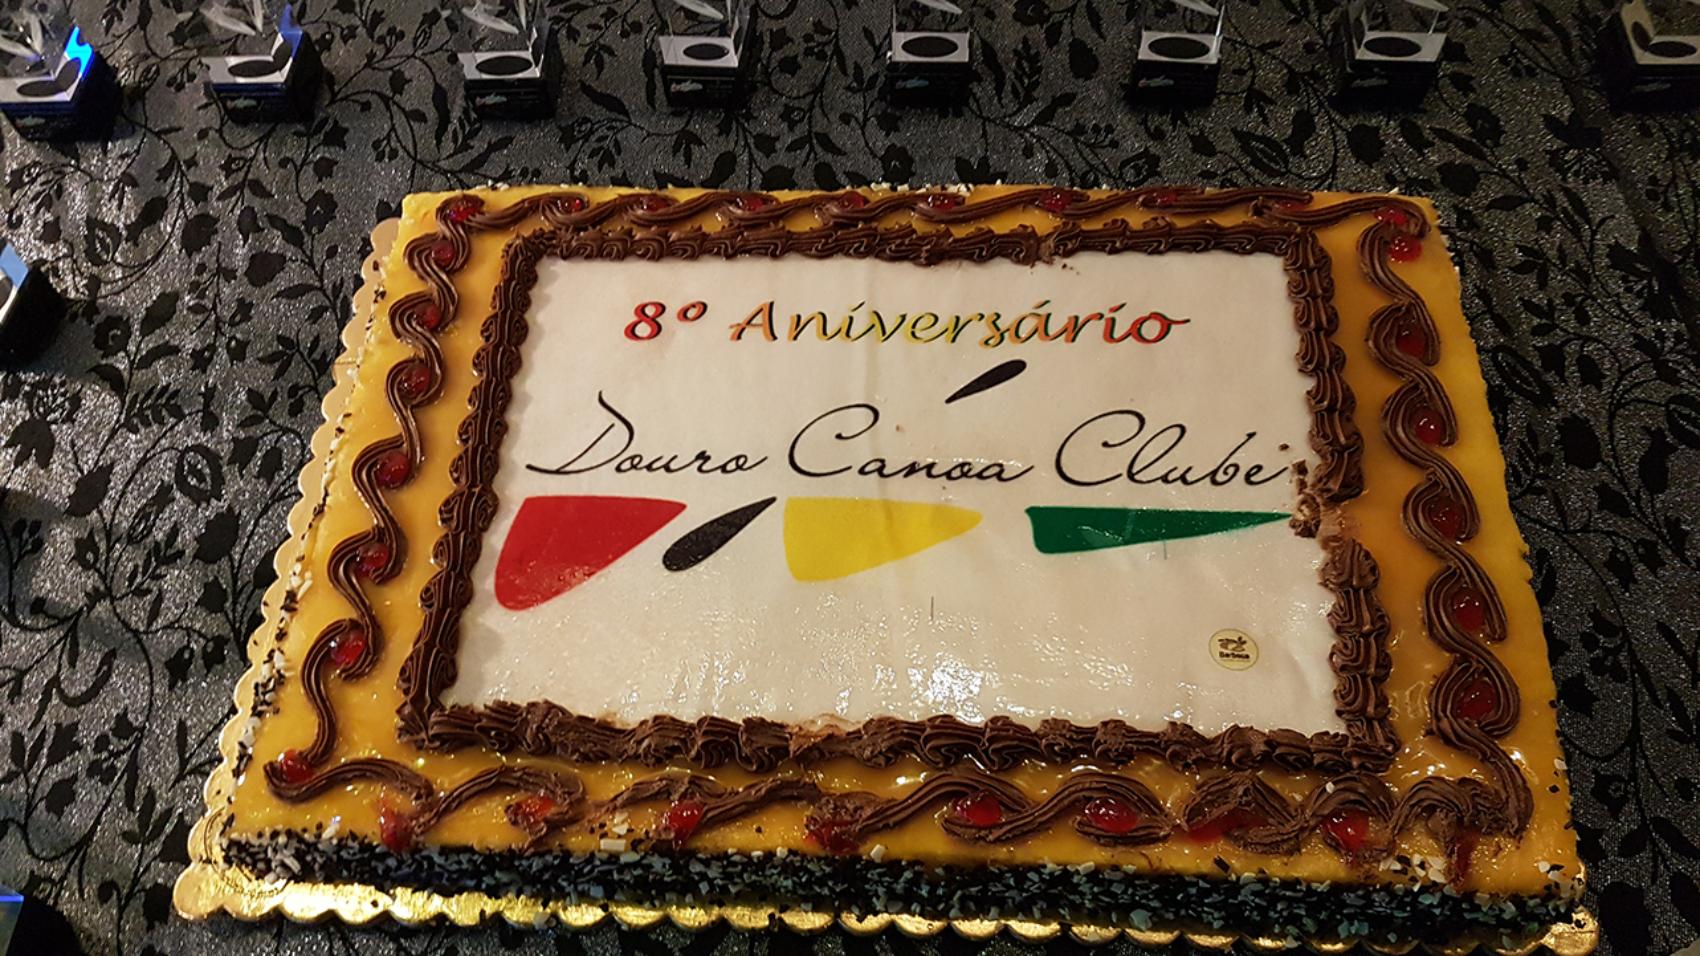 blog Canoagem Corpos Sociais Divulgação Douro Canoa Clube